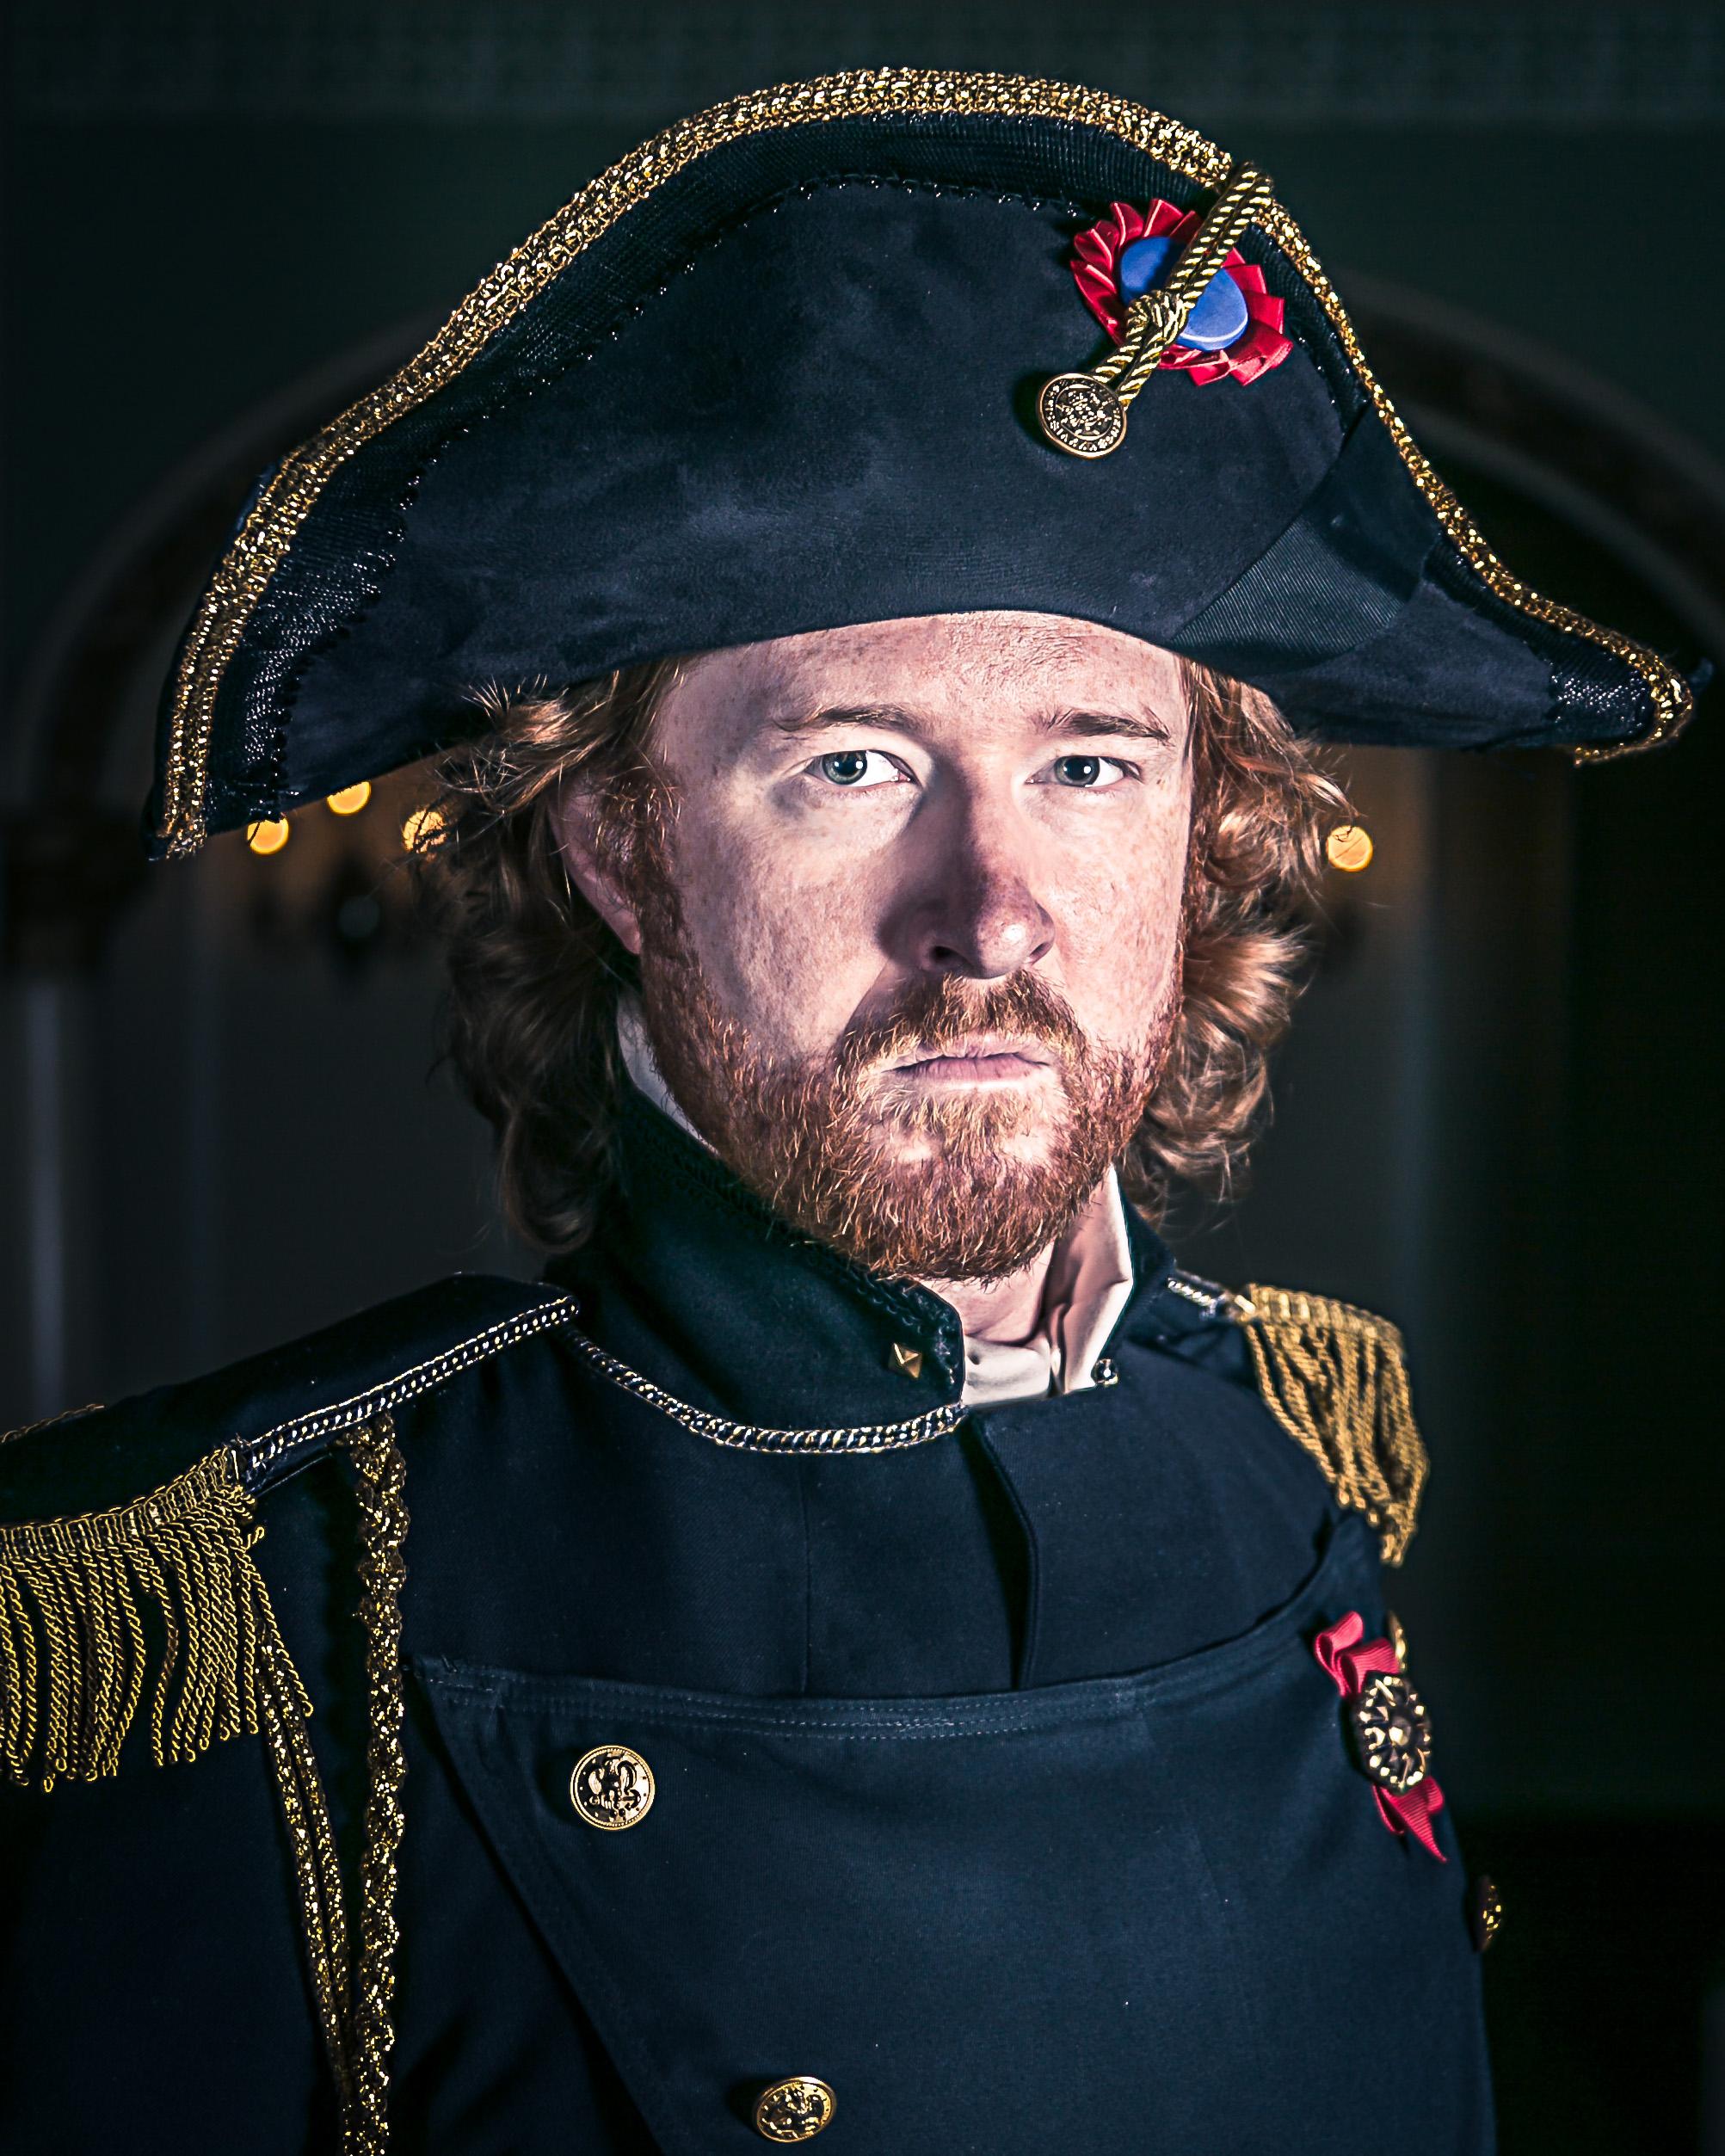 Daniel J Bell as Javert in 'Les Miserables'